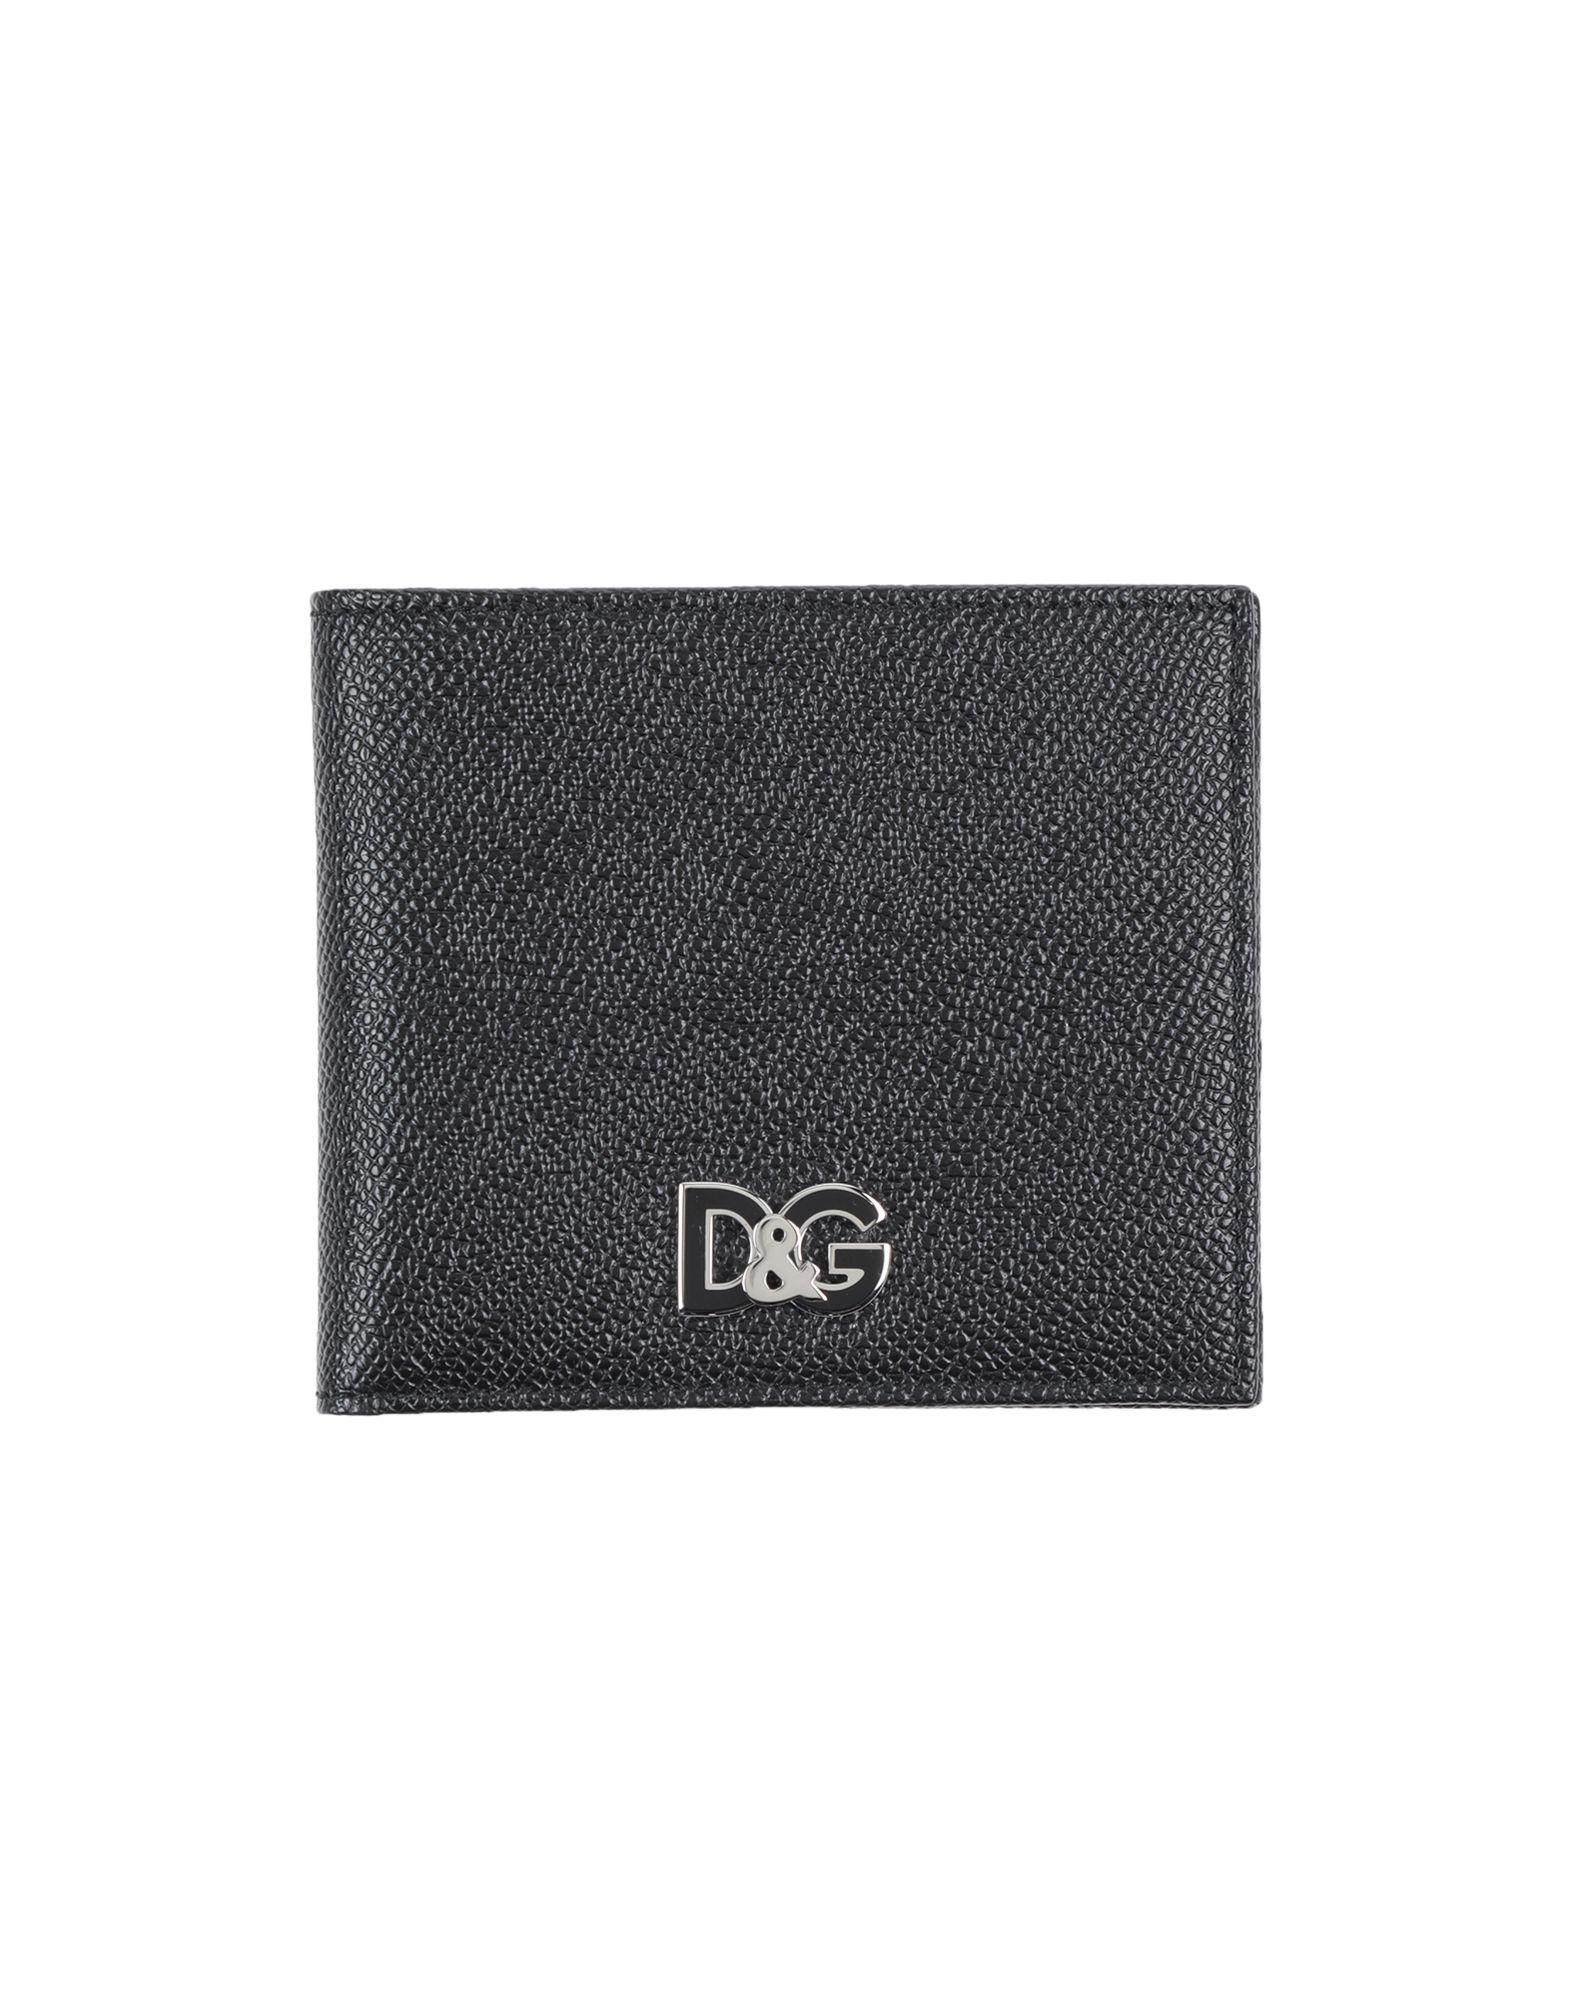 4f5873272b Lyst - Dolce & Gabbana Wallet in Black for Men